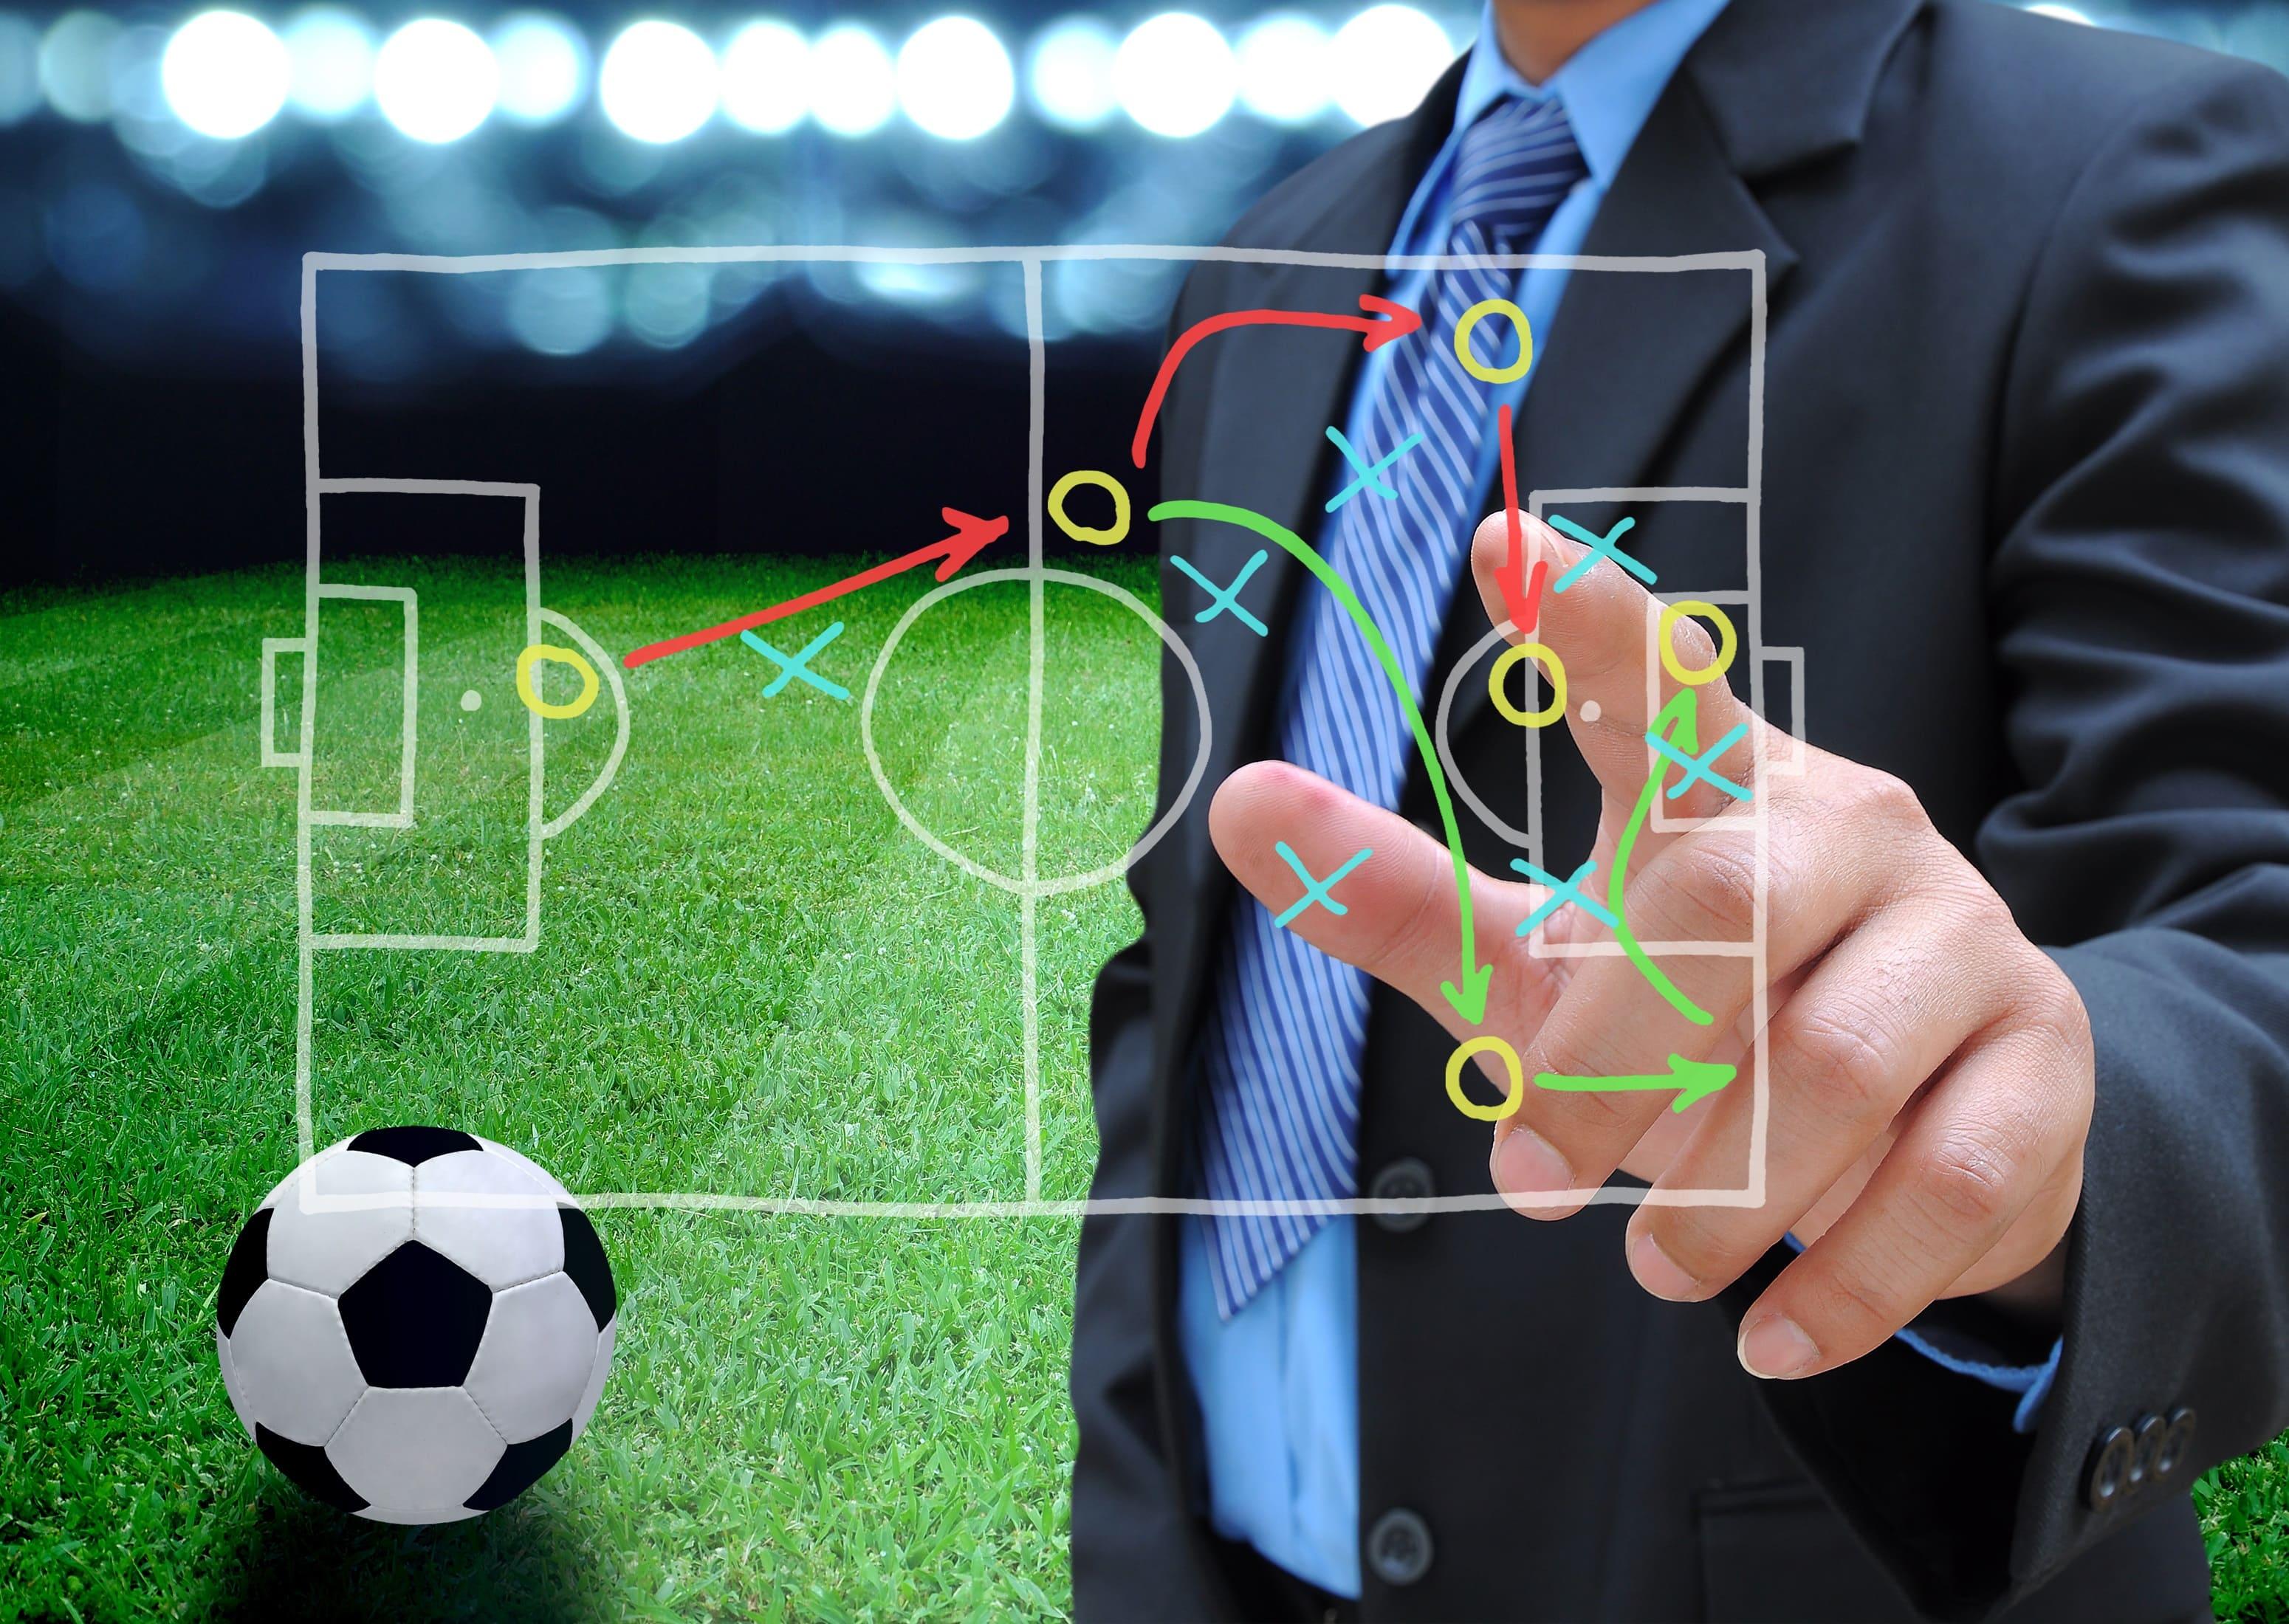 análise pré-jogo de apostas desportivas